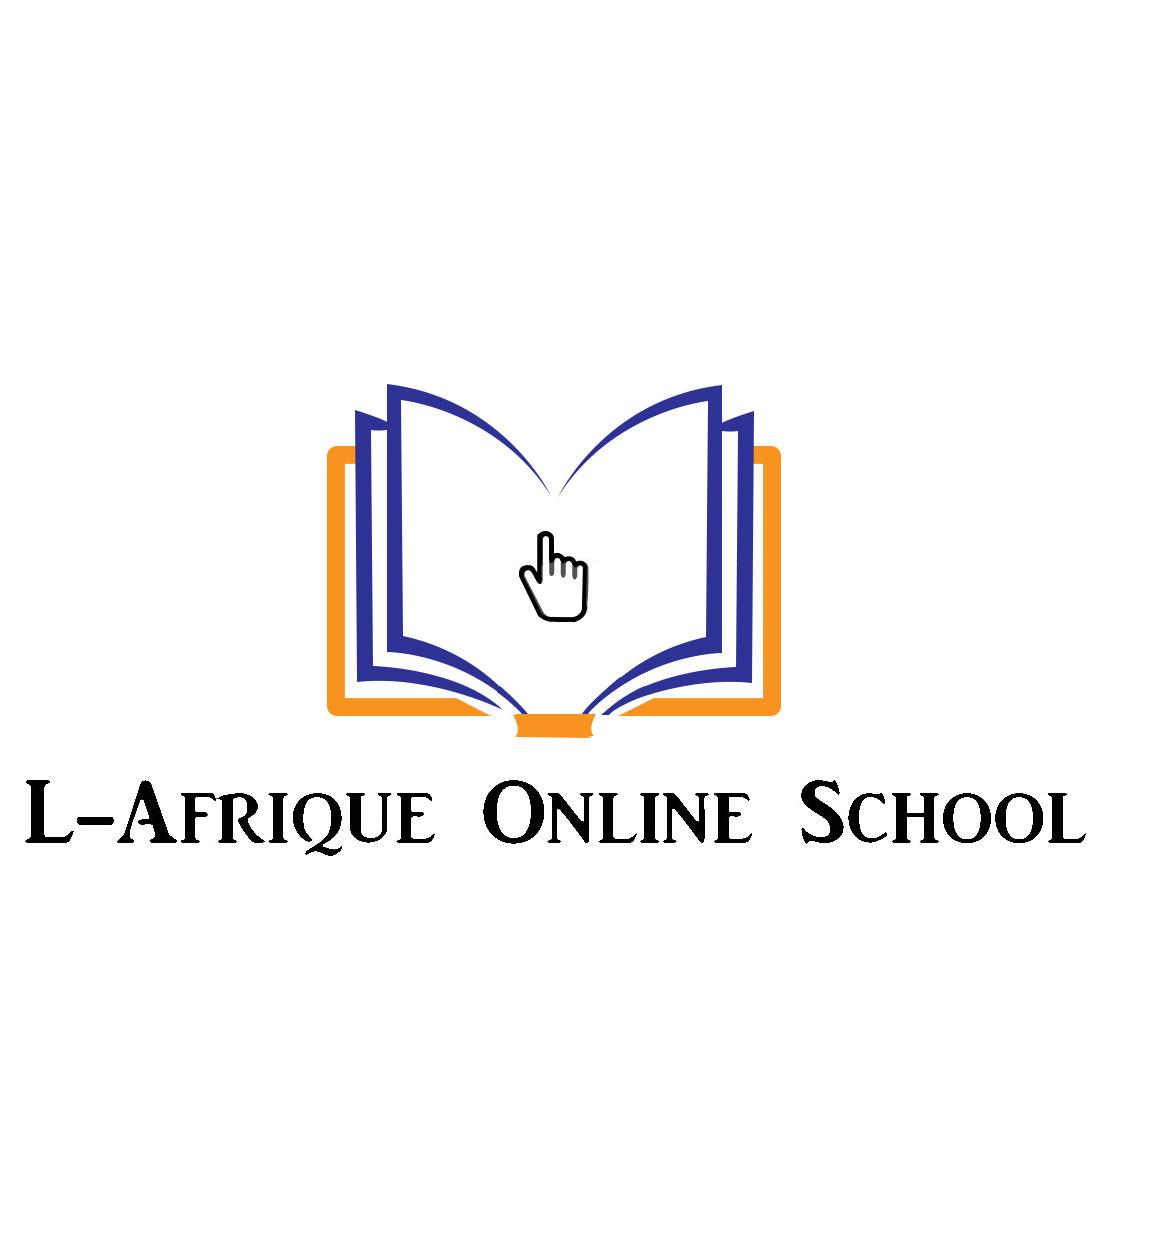 L-Afrique Online School